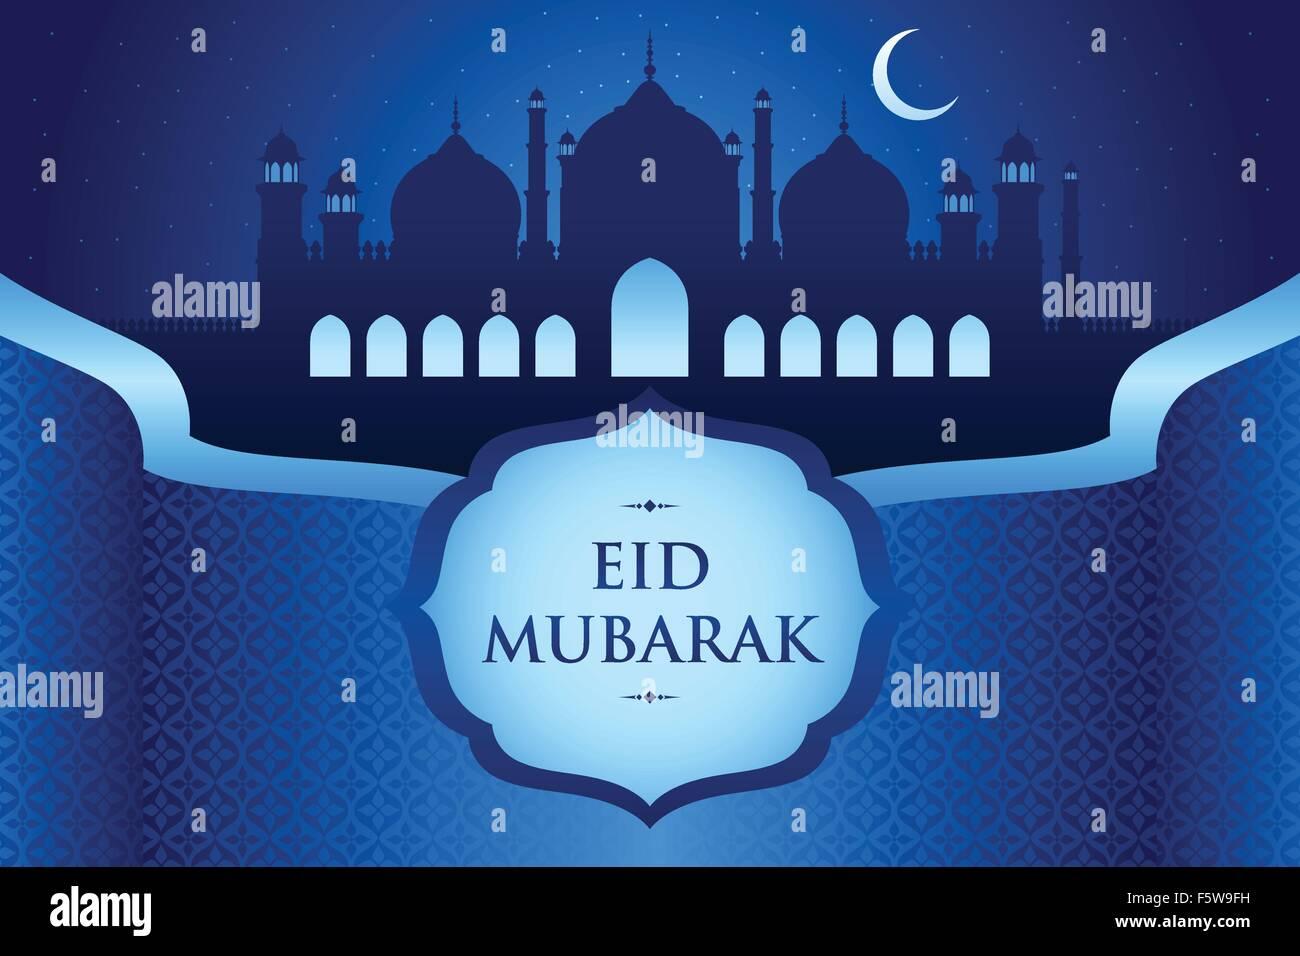 A vector illustration of eid al fitr greeting card design stock a vector illustration of eid al fitr greeting card design kristyandbryce Images